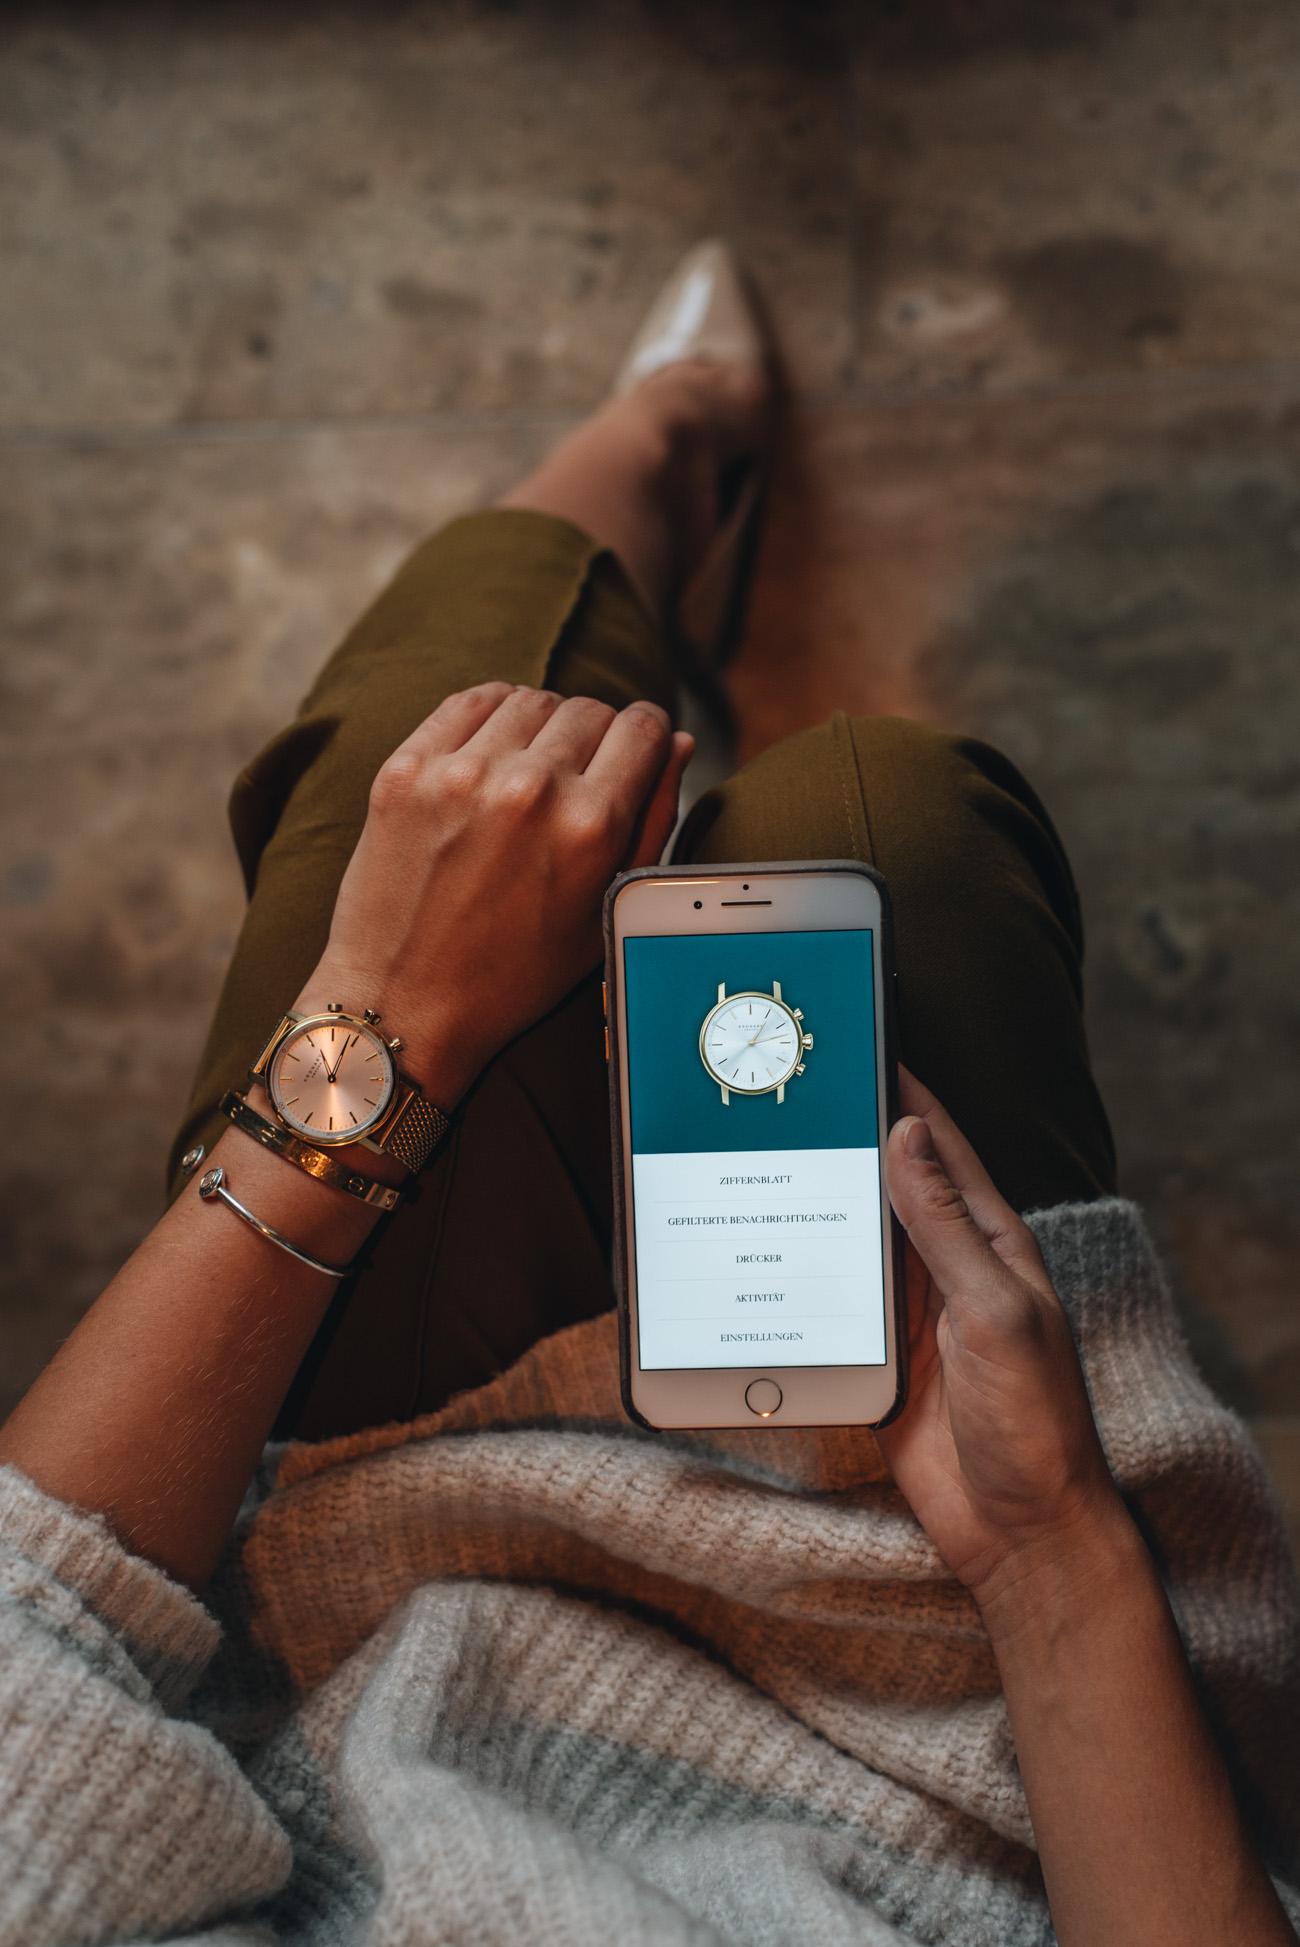 Kronaby-Mesh-Armband-Uhr-Connected-Watch-Smarte-Uhren-Erfahrung-schrittzähler-fuktionen-und-tools-fashiioncarpet-nina-schwichtenberg